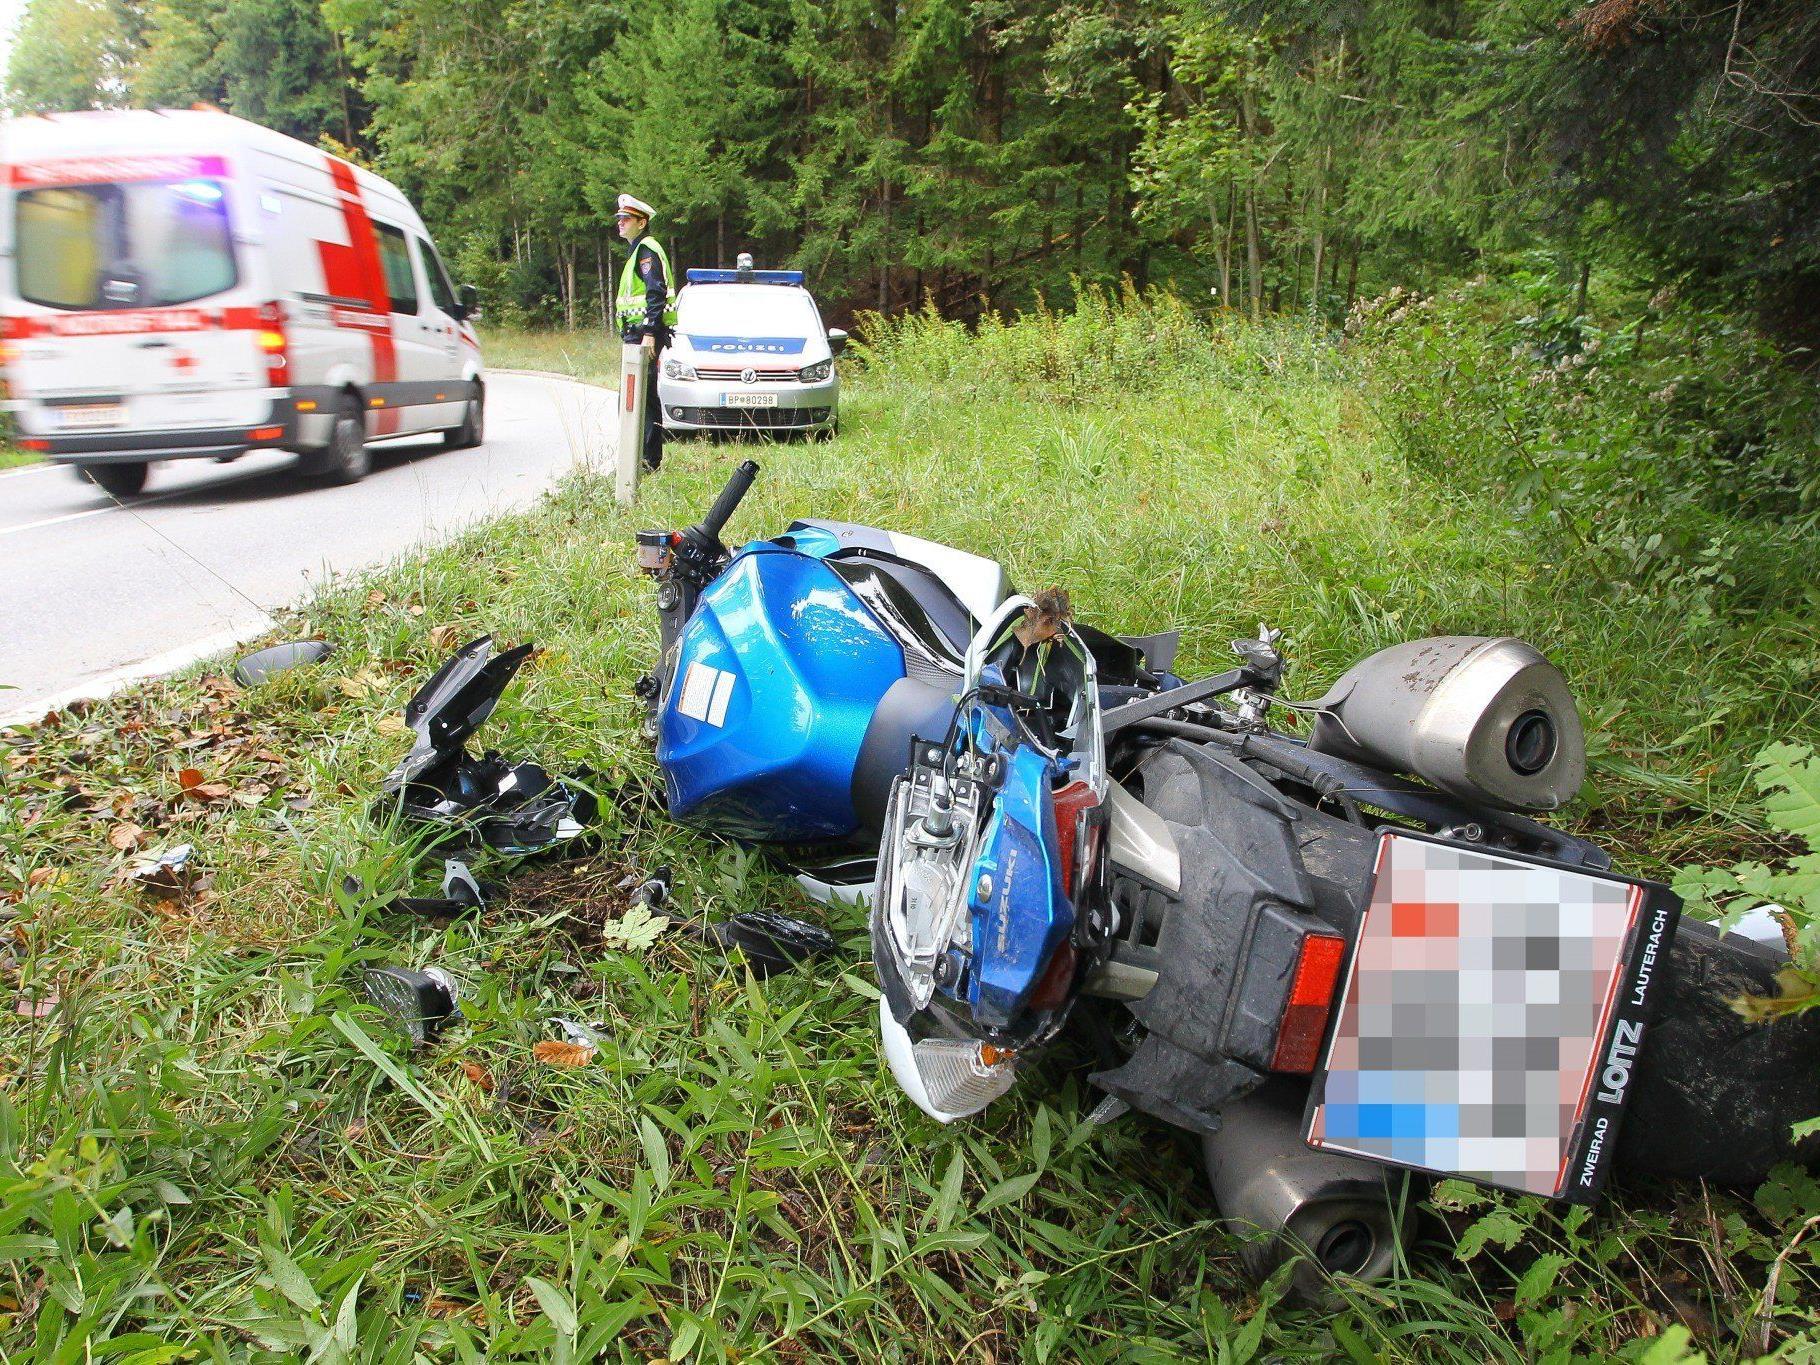 Der Motorradfahrer kam aus ungeklärter Ursache von der Straße ab.